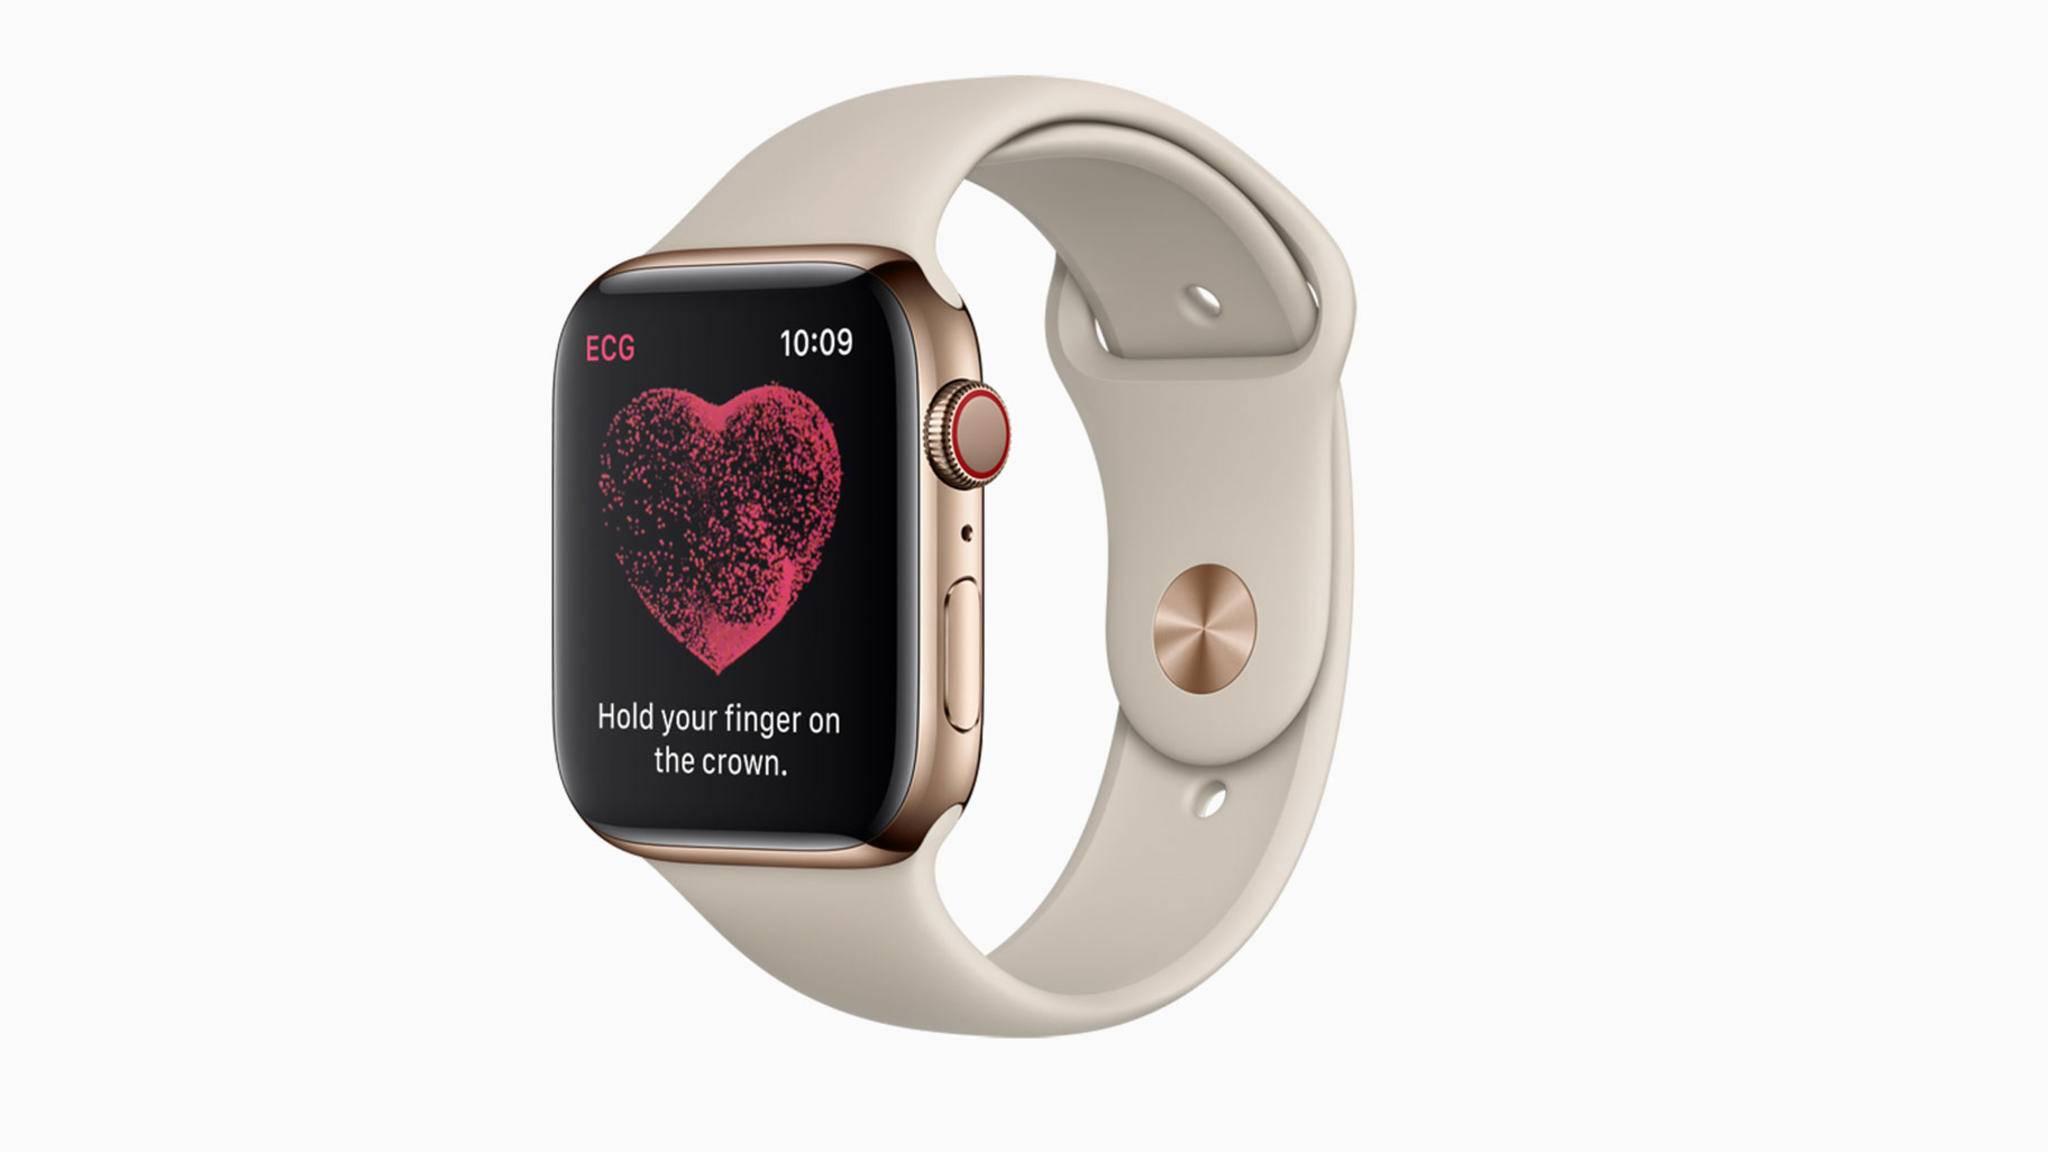 Mit dem Update auf watchOS 5.2 kommt das EKG-Feature der Apple Watch nach Europa.